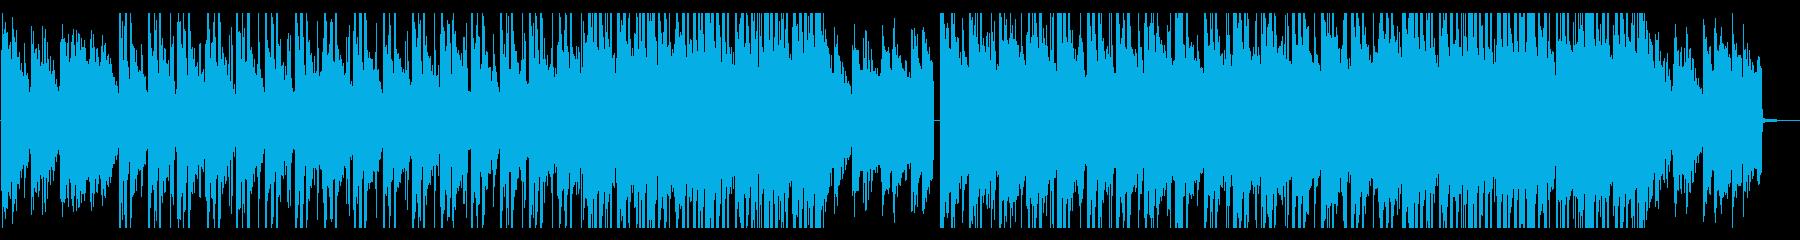 夕暮れイメージのクールで切ない雰囲気な曲の再生済みの波形